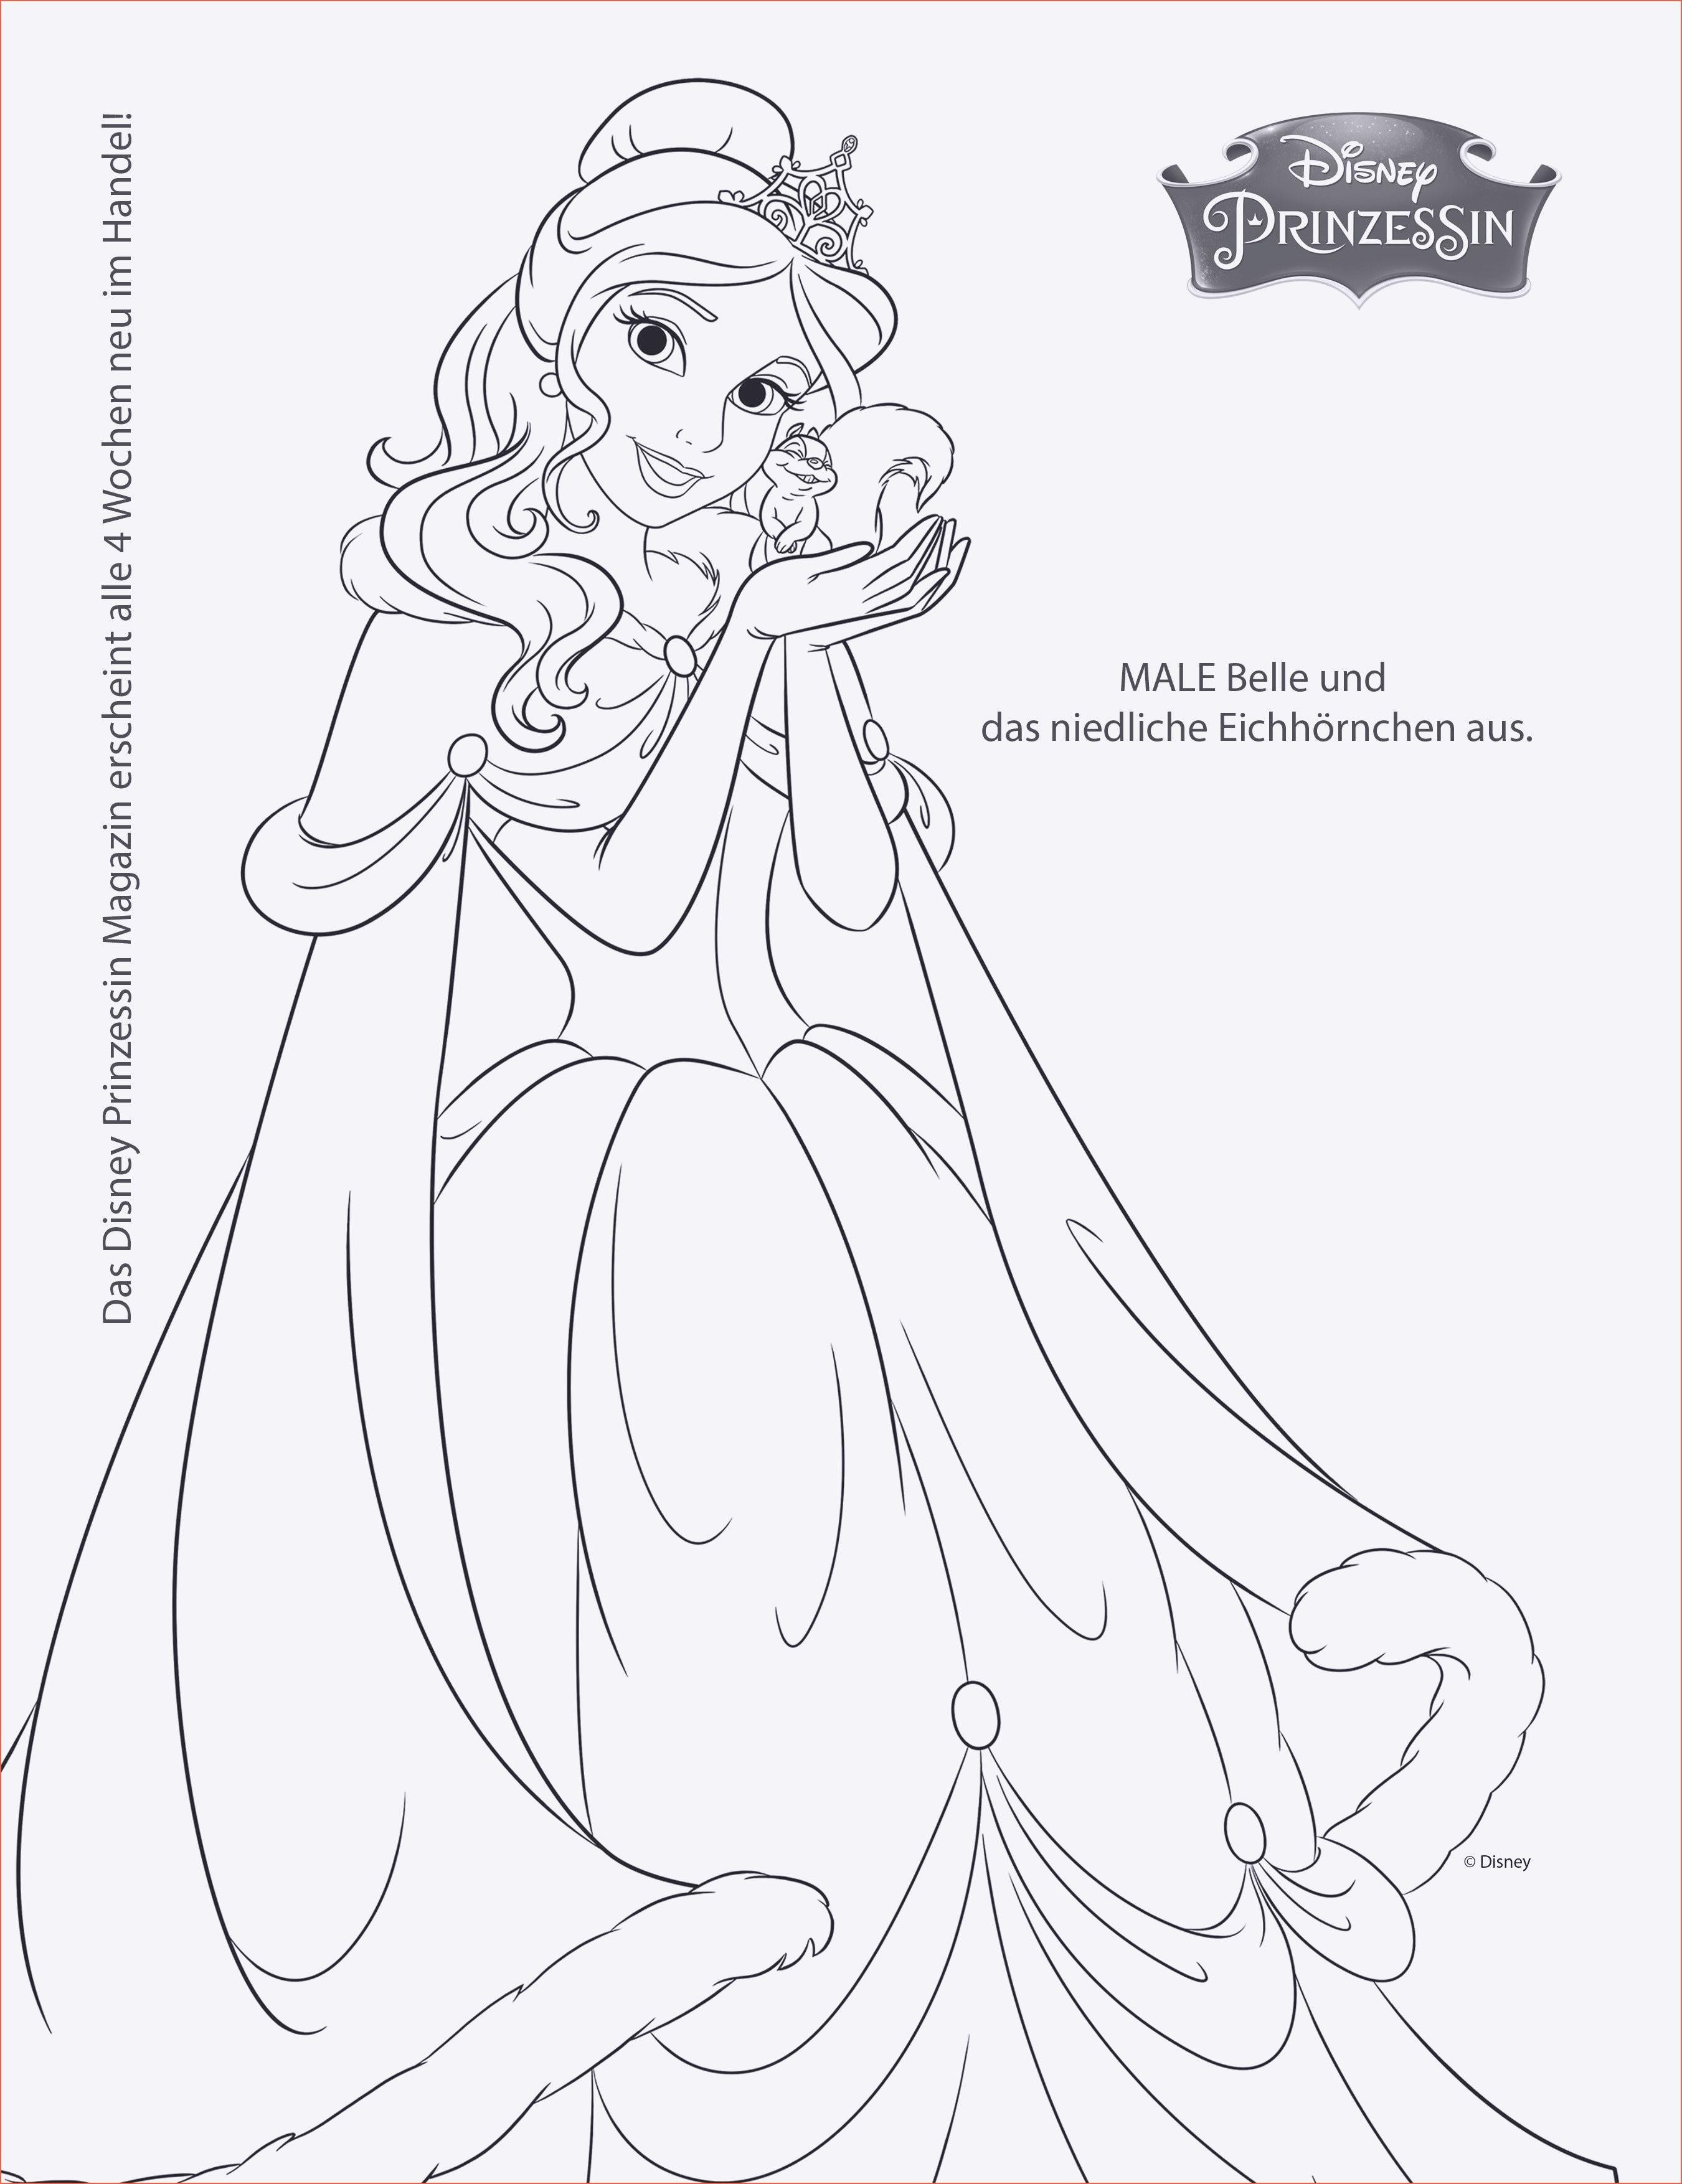 Malvorlagen Disney Inspirierend 90 Malvorlagen Ausdrucken 3ldq Galerie